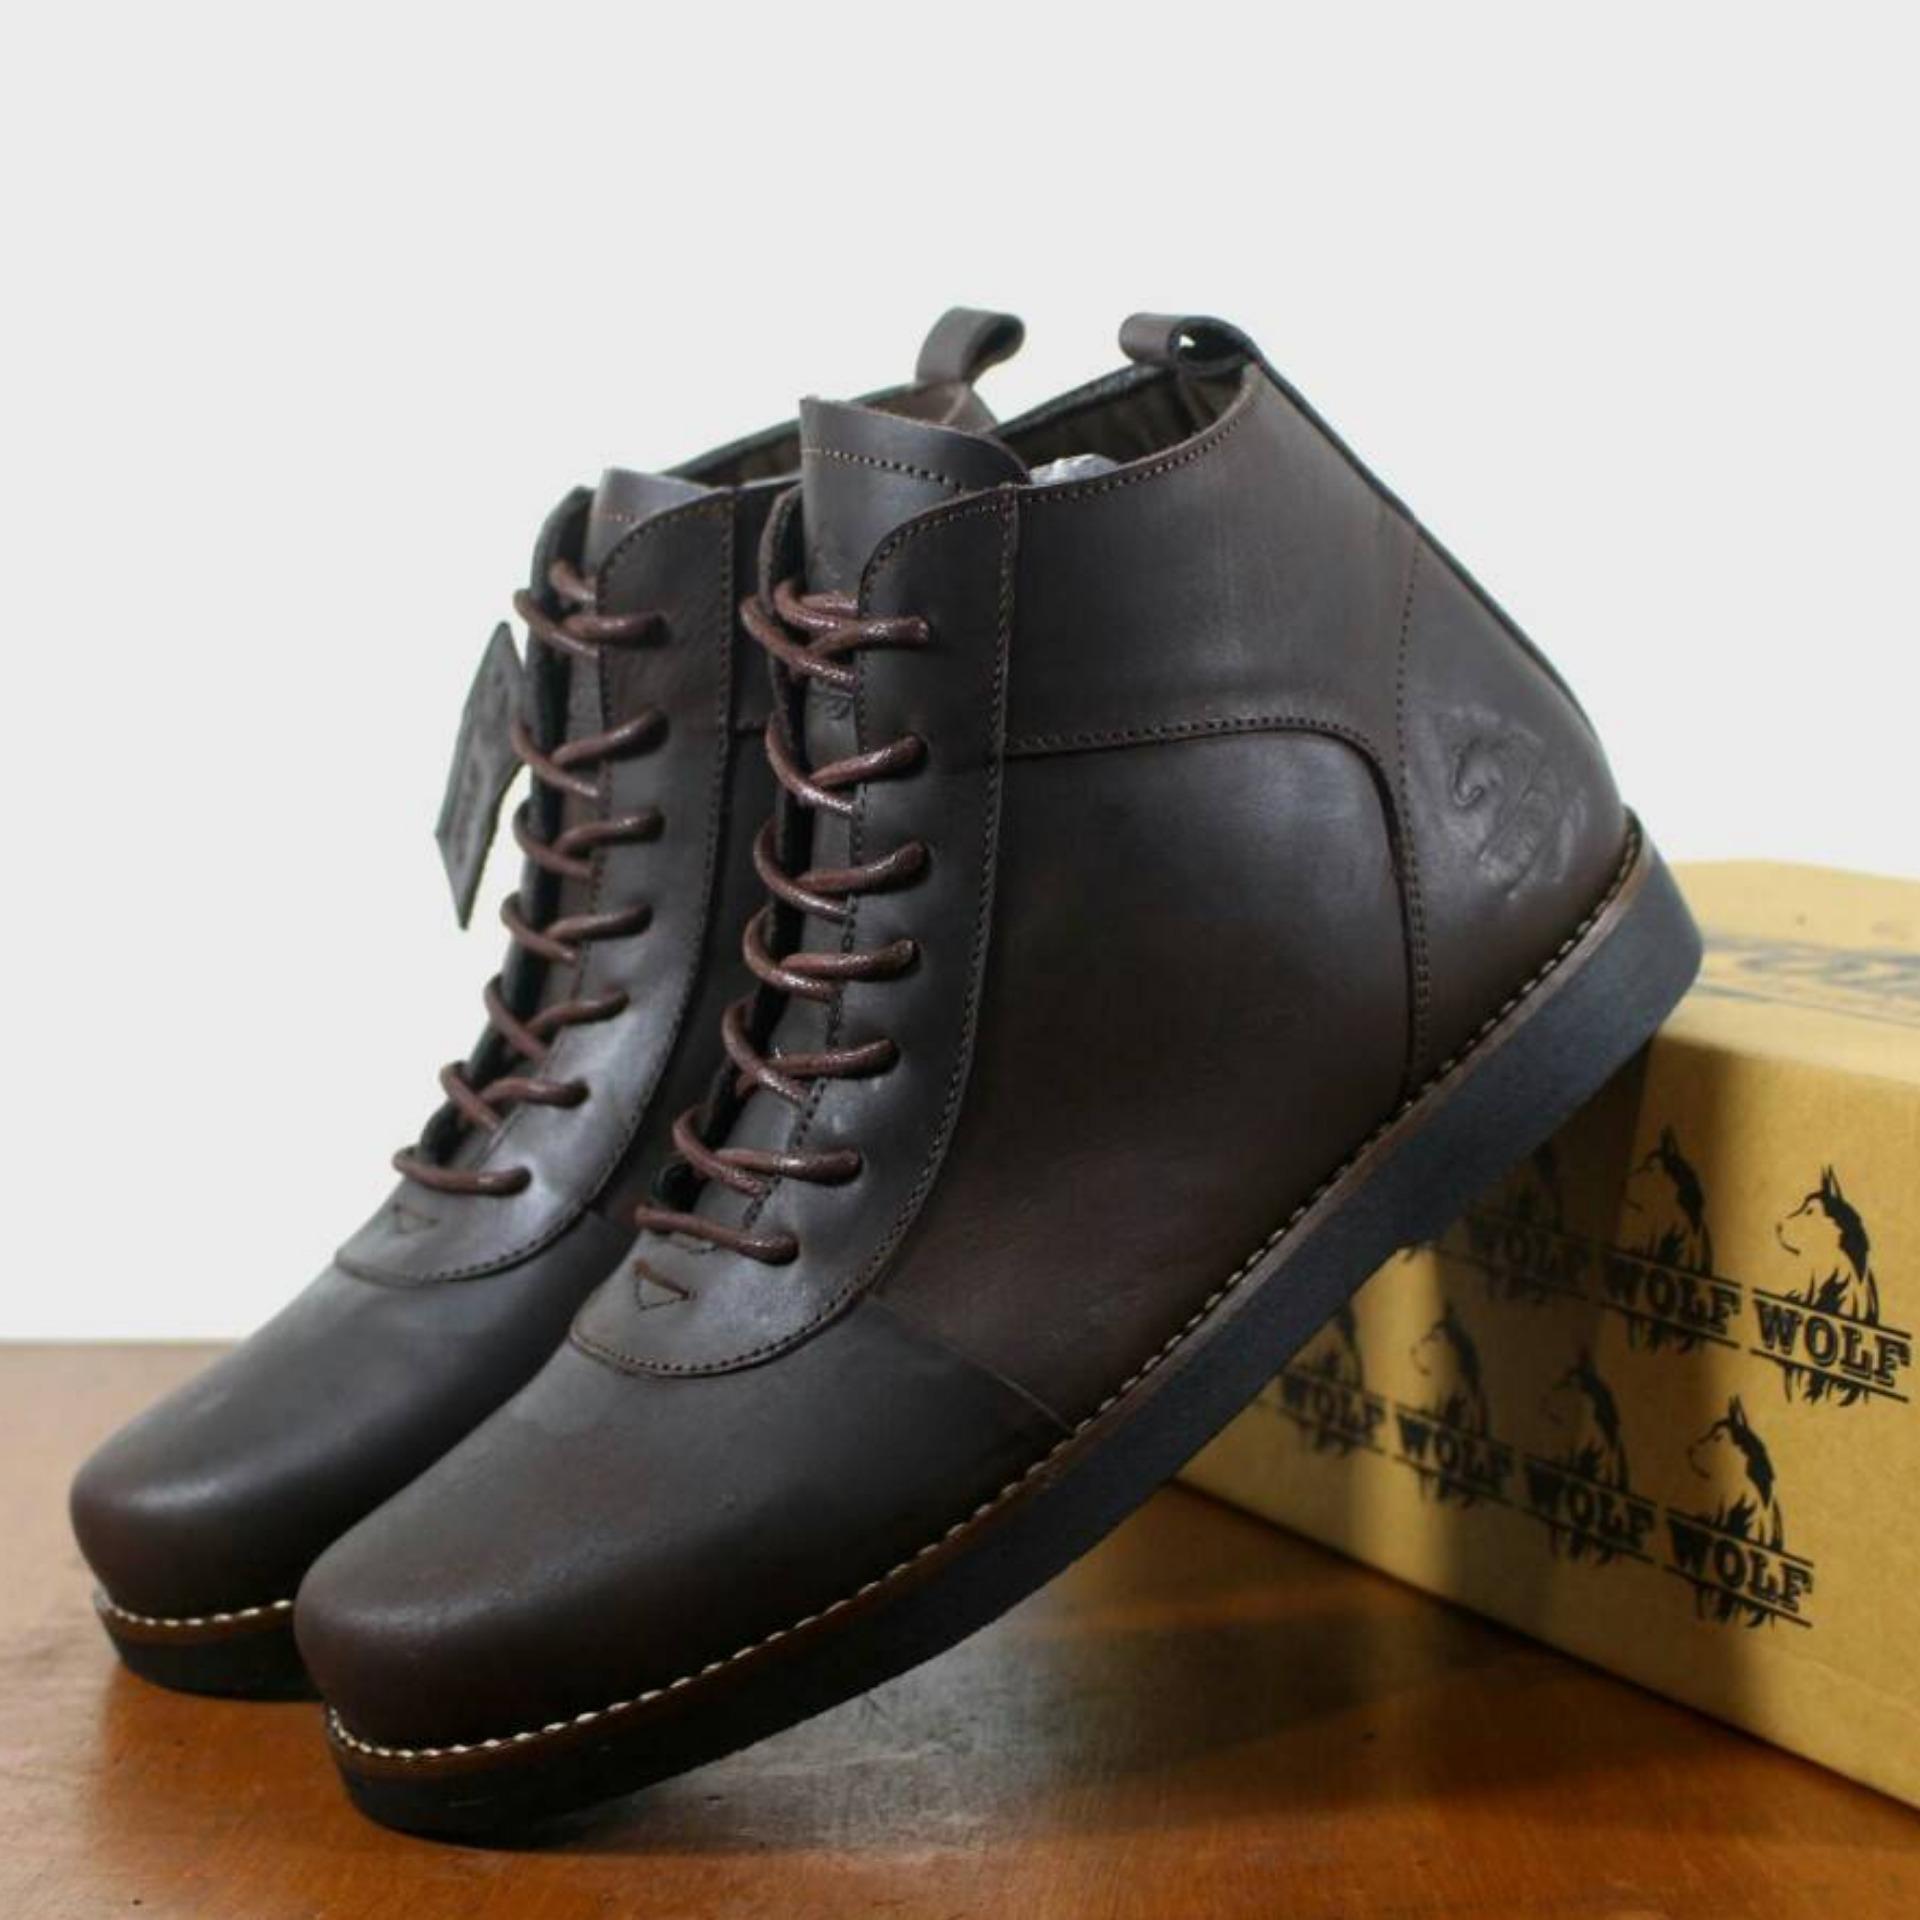 Perbandingan harga Sepatu Brodo Boot Pria - Kulit Asli - WOLF GOLDEN ... 5e55da6fda